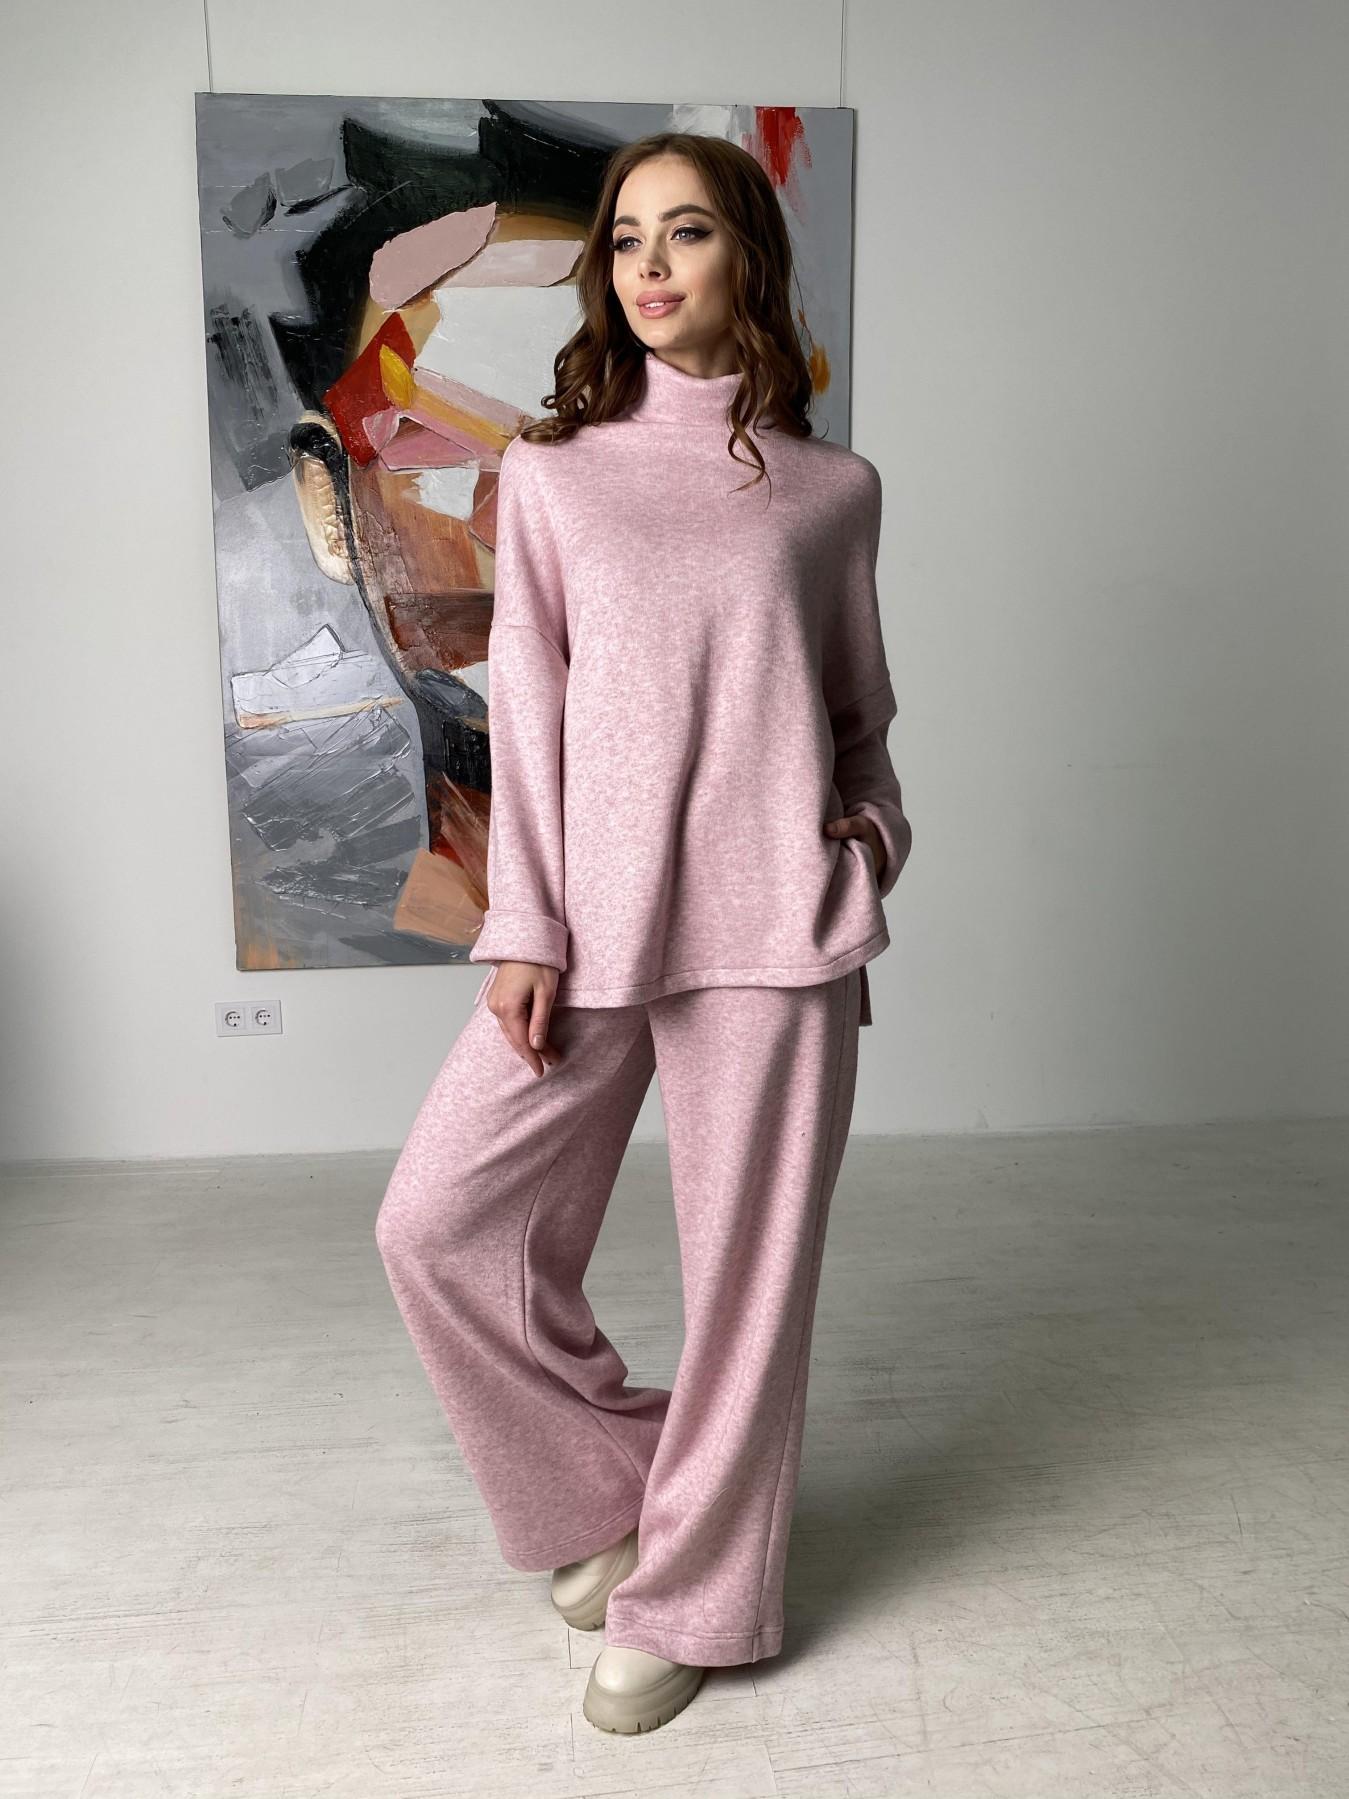 Лав Ю костюм из ангоры 10531 АРТ. 46872 Цвет: Розовый 2 меланж - фото 6, интернет магазин tm-modus.ru